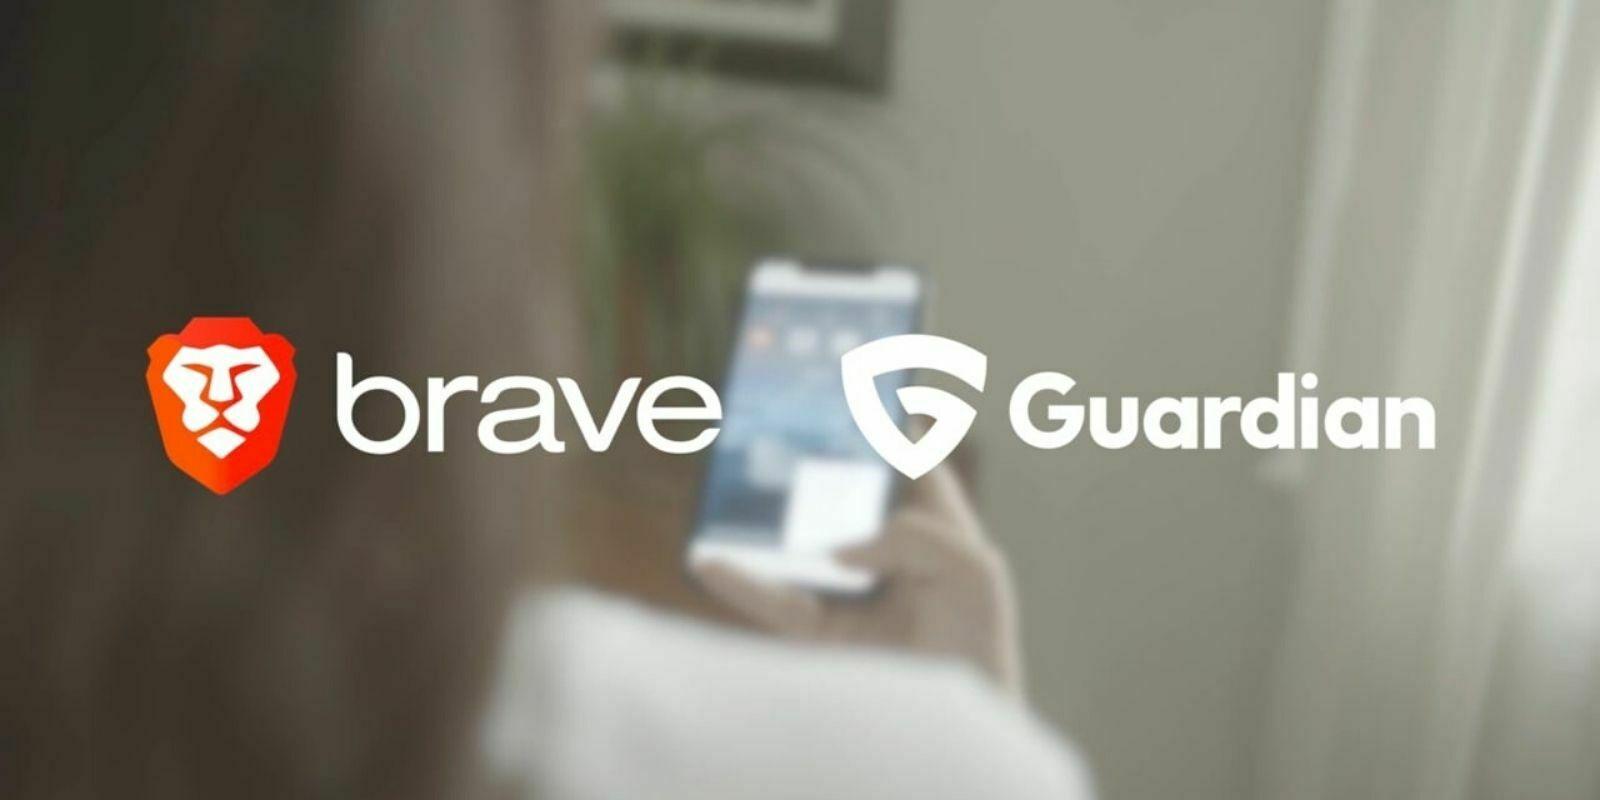 Brave s'associe à Guardian pour intégrer un pare-feu et un VPN sur iOS